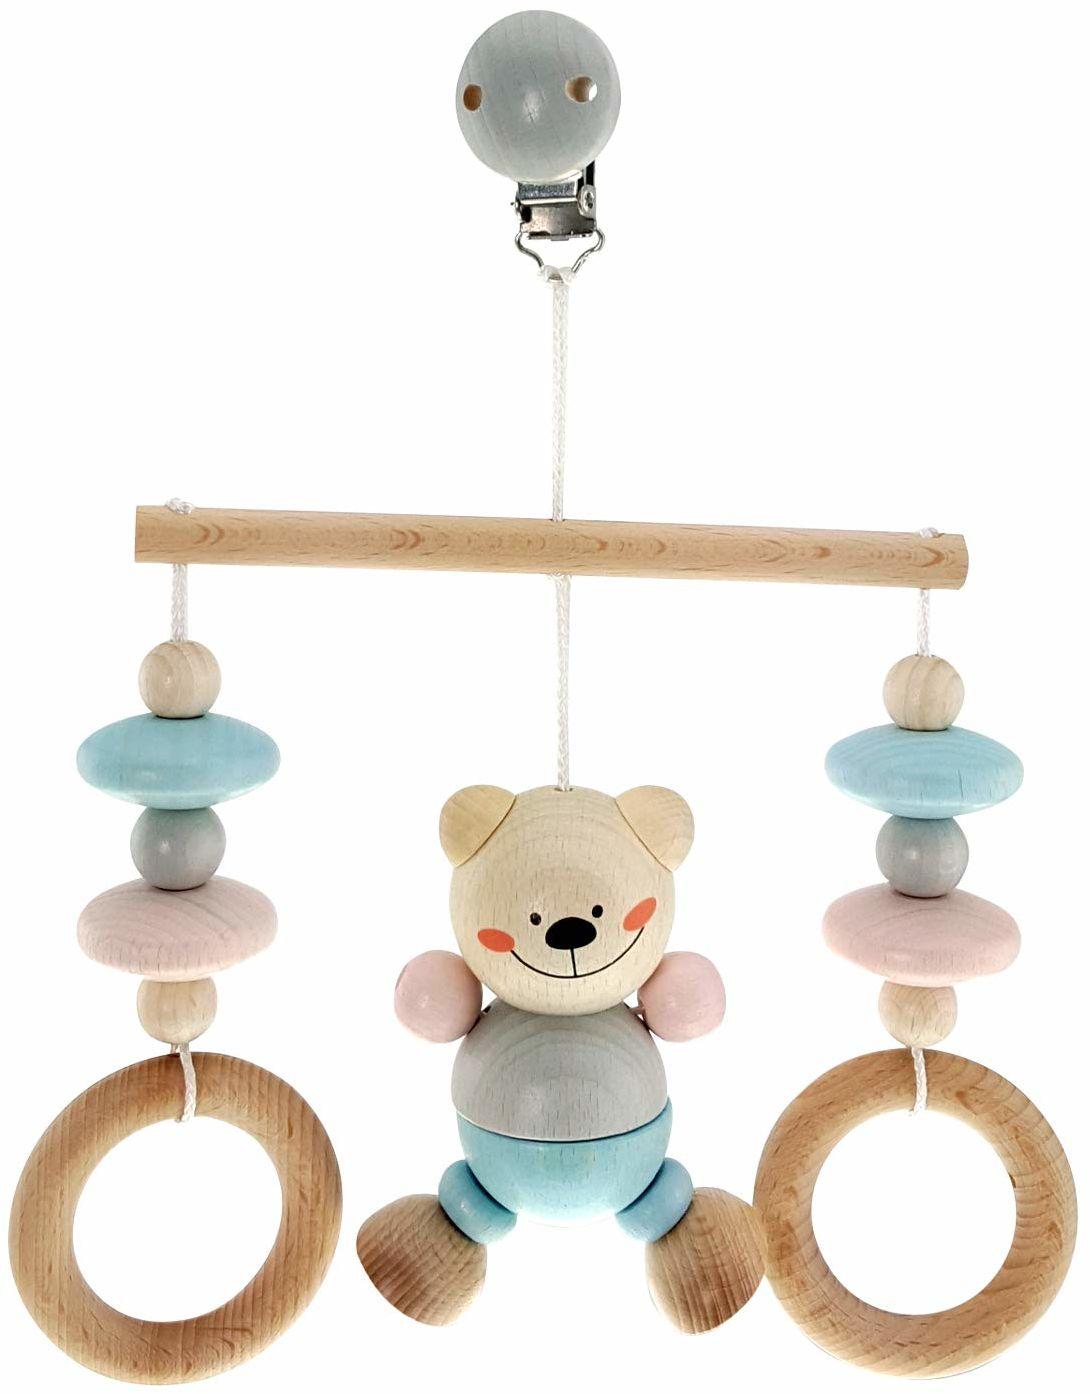 Hess drewniana zabawka 13517 - minitrapez z drewna, niedźwiedź naturalny, do zawieszenia na łóżku, wózku dziecięcym lub foteliku dla niemowląt, ok. 17 x 12 x 5,5 cm